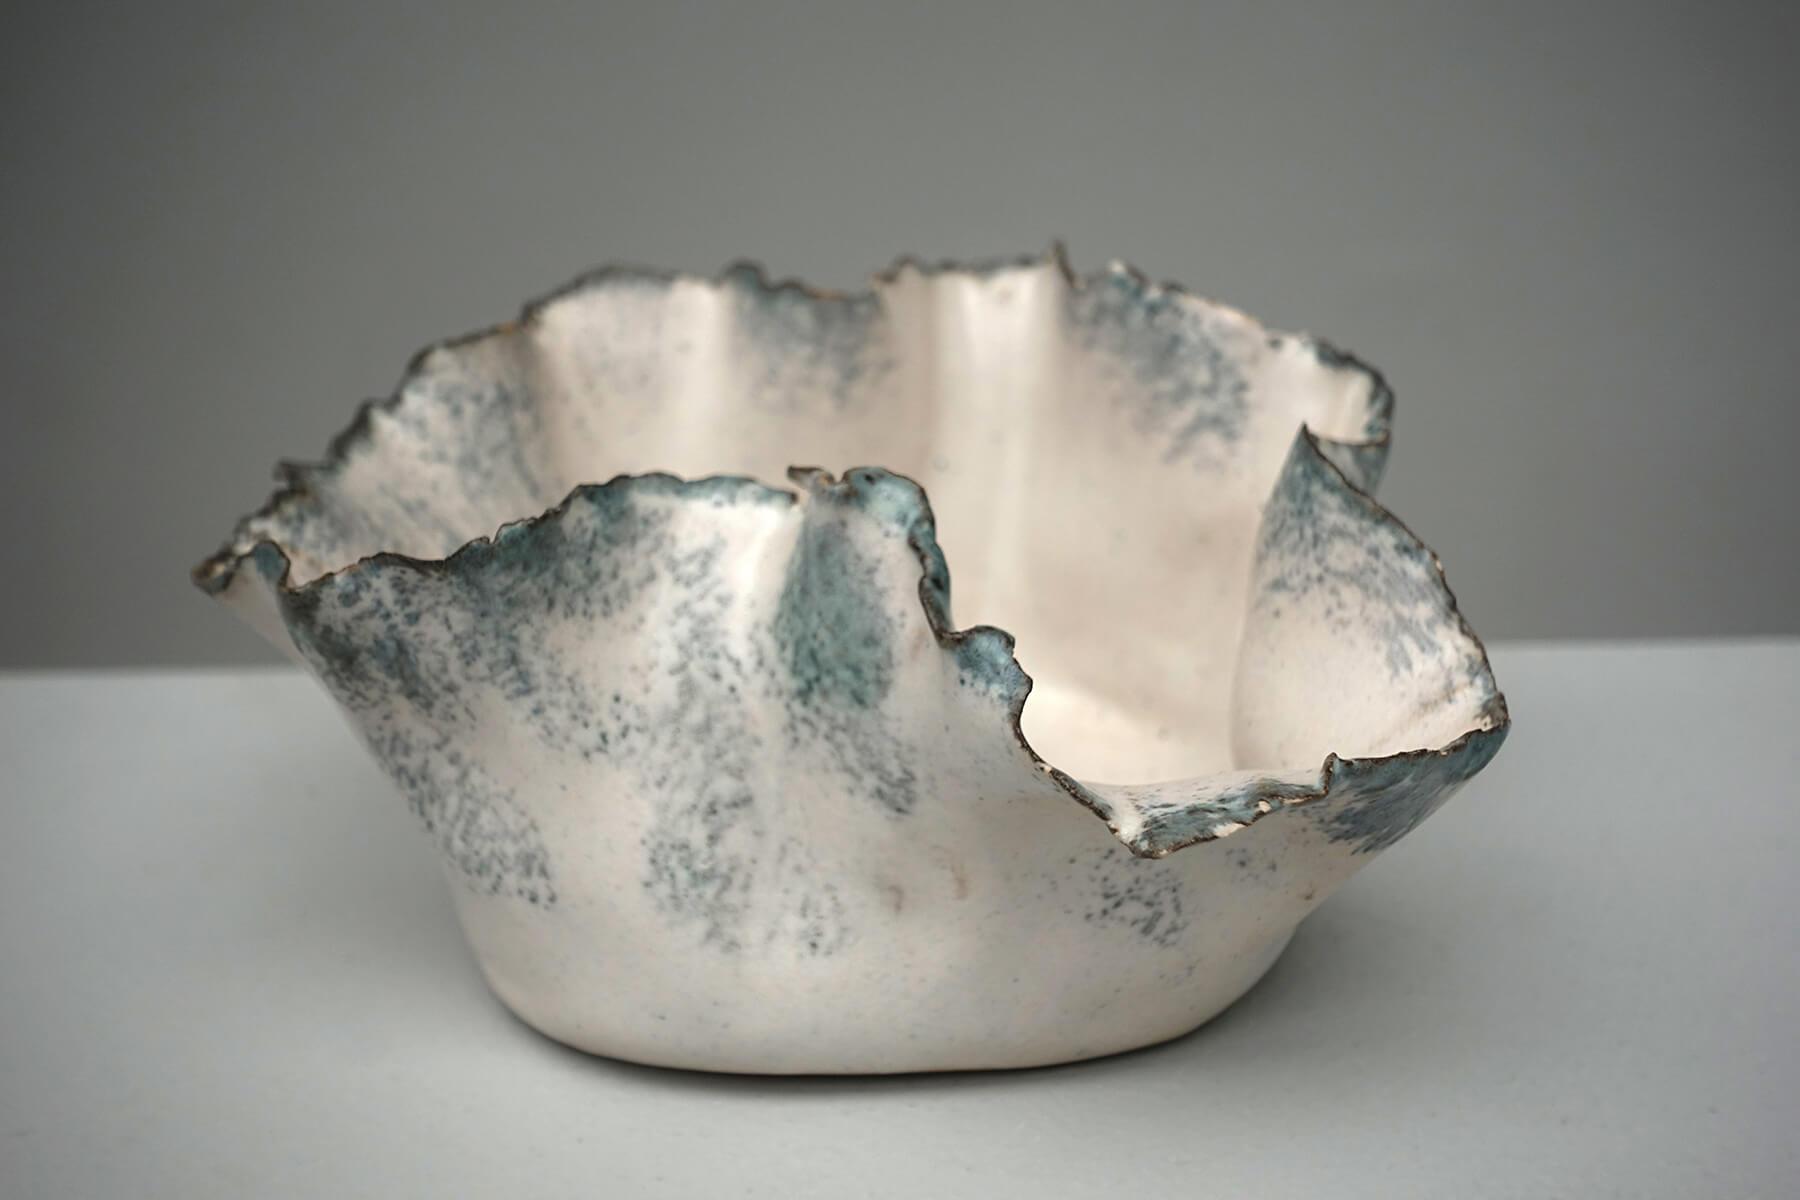 <a href='https://revistaaxxis.com.co/la-fuerza-de-la-delicadeza/'><h2>La fuerza de la delicadeza</h2>Creadas por una artista plástica, estas piezas de cerámica resaltan por la delicadeza de sus bordes. Elementos que están entre el diseño y el arte.</a>